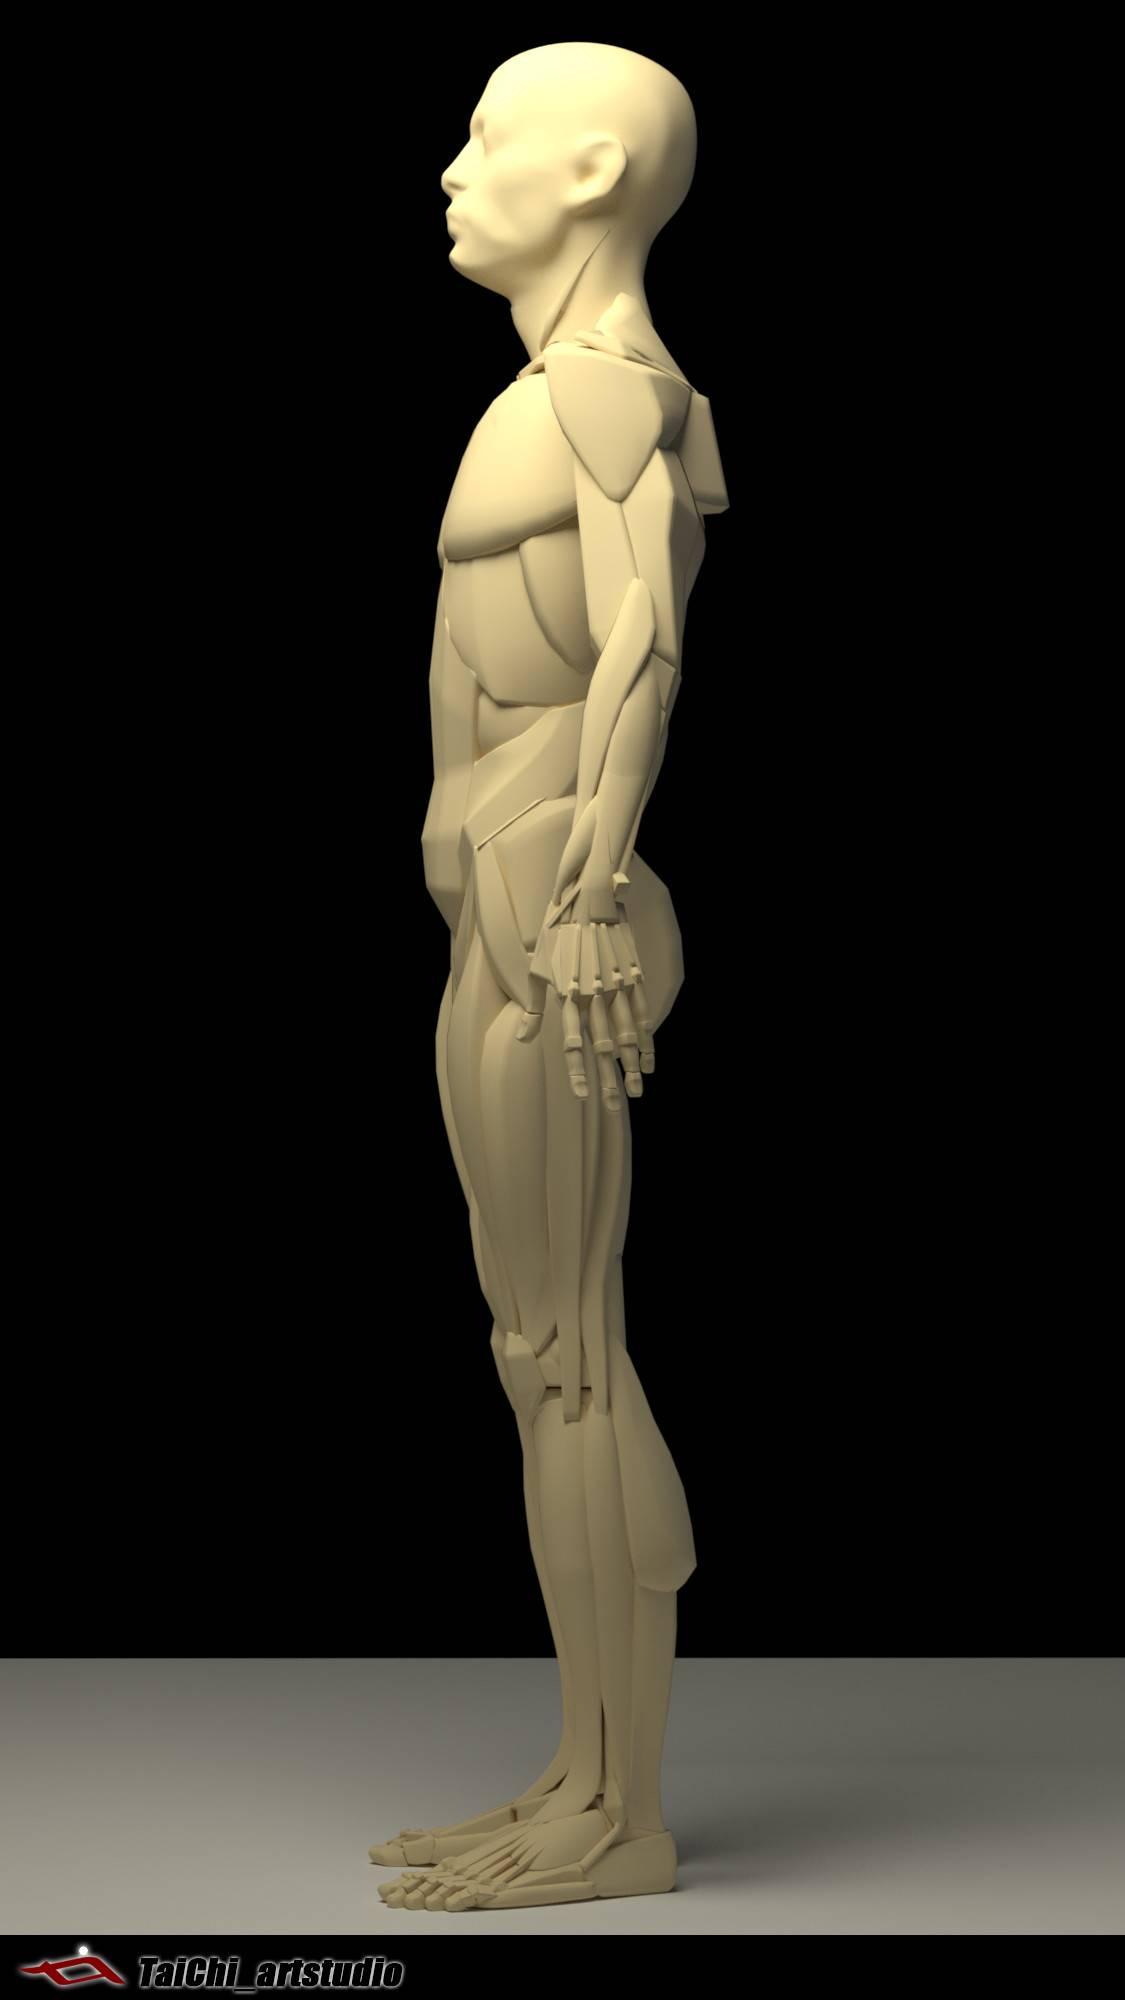 非常不错的人体分面图,美术练习的好东西! - R站|学习使我快乐! - 17